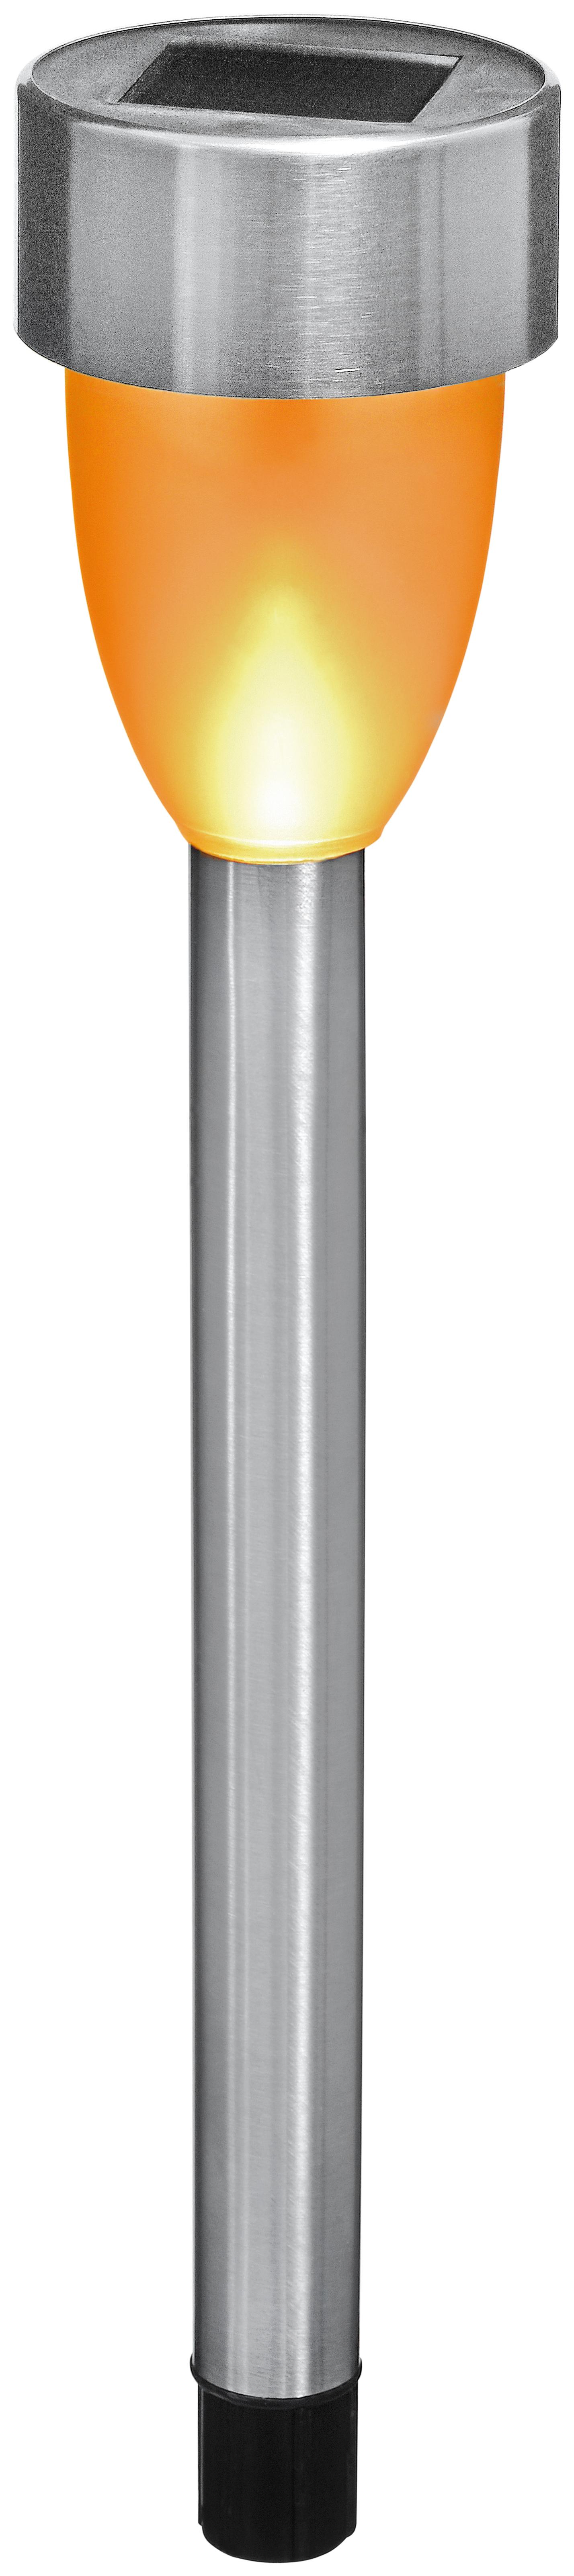 Lampa solarna wbijana LED Activejet AJE-ROSA